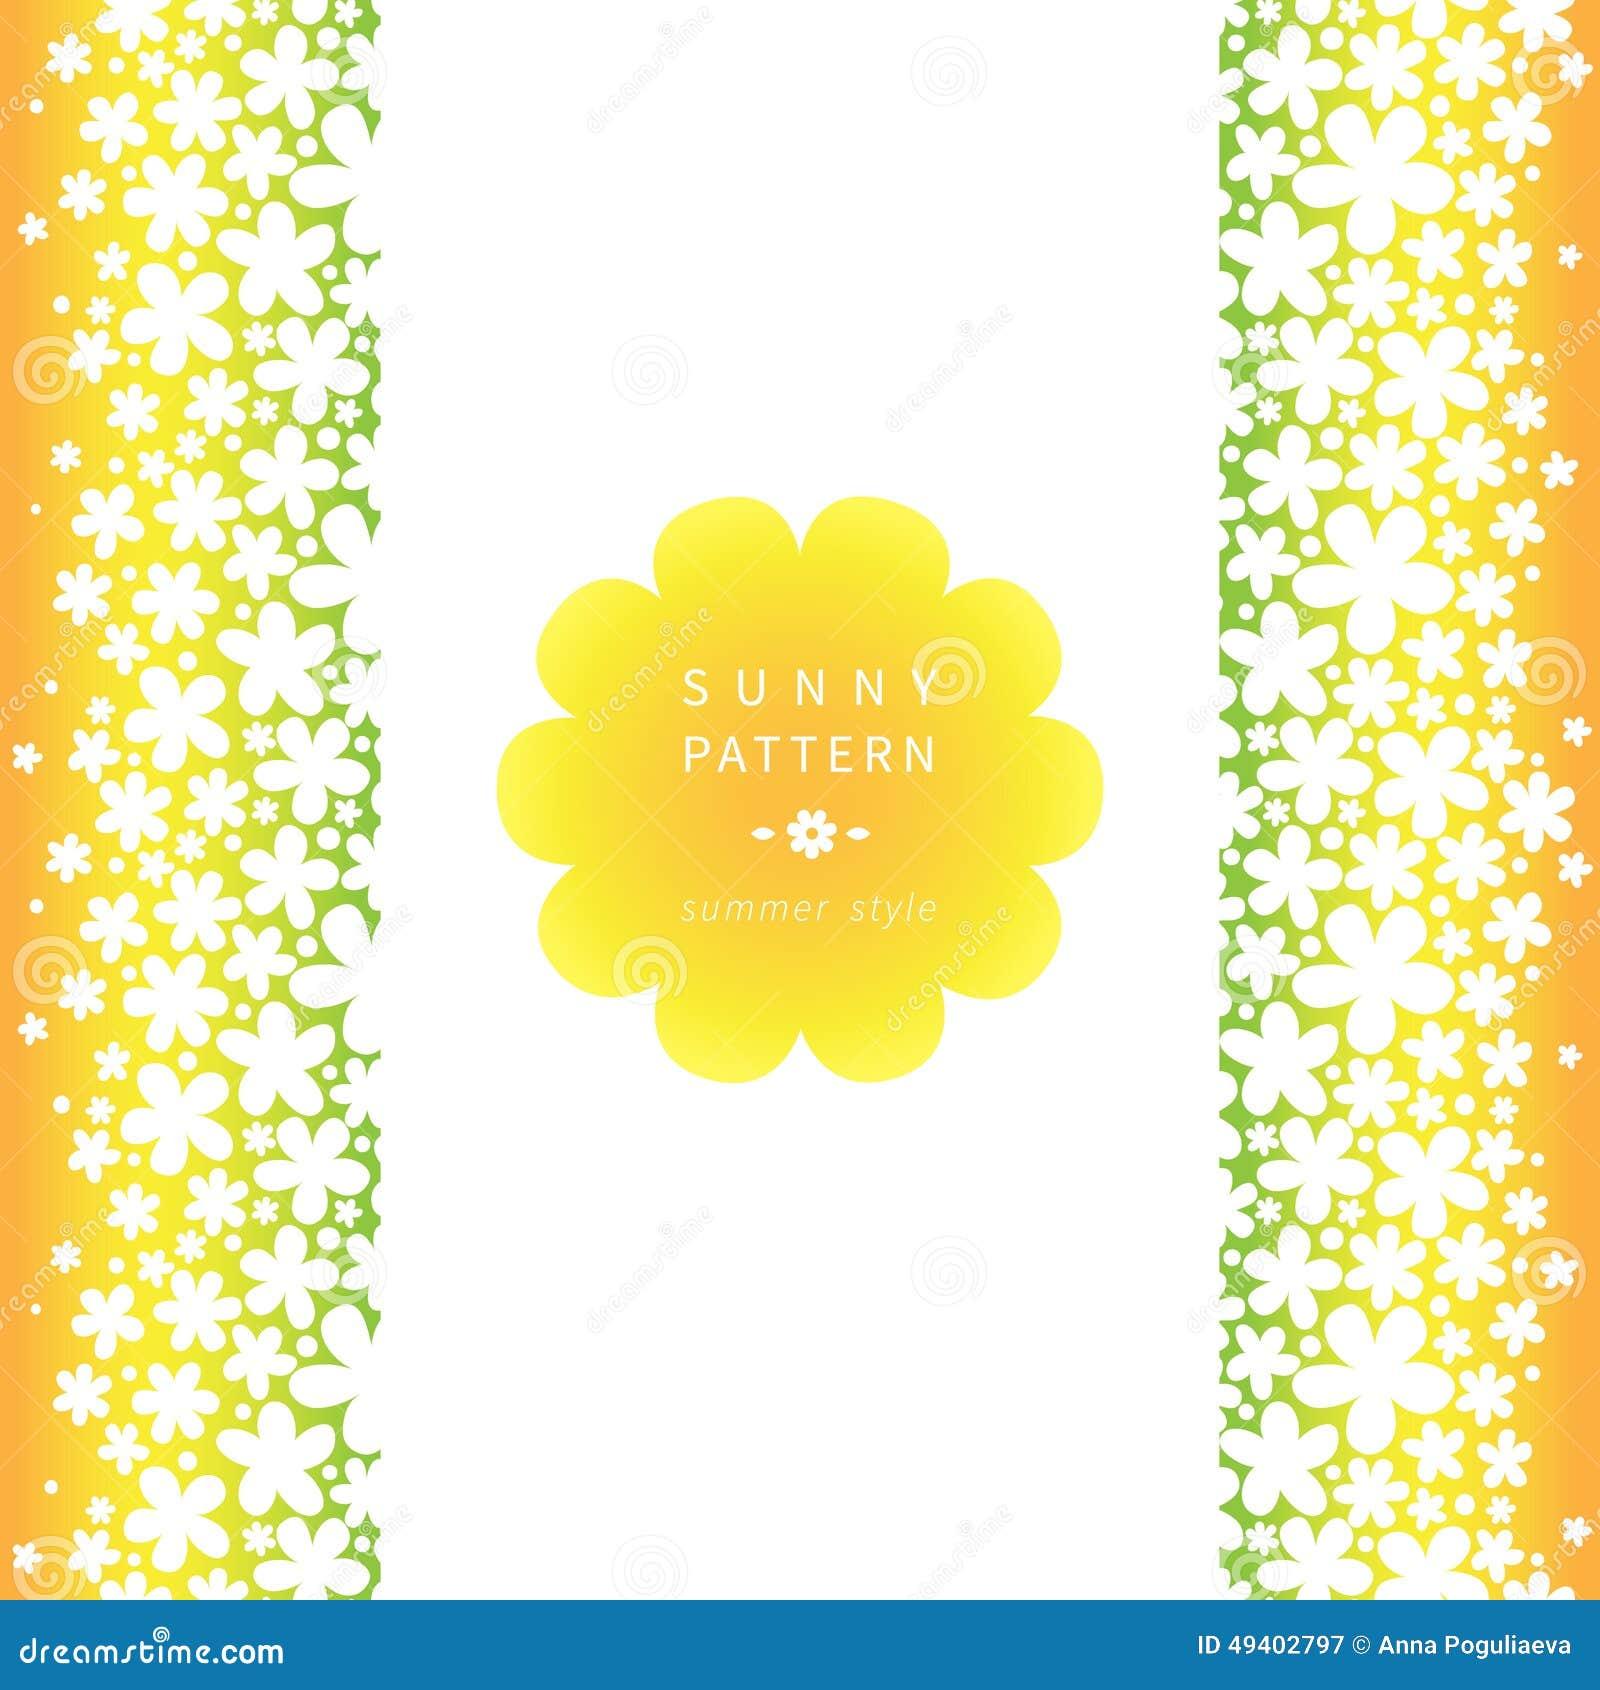 Download Weiße Nahtlose Mit Blumengrenze Auf Hellem Hintergrund Vektor Abbildung - Illustration von kamille, flourish: 49402797